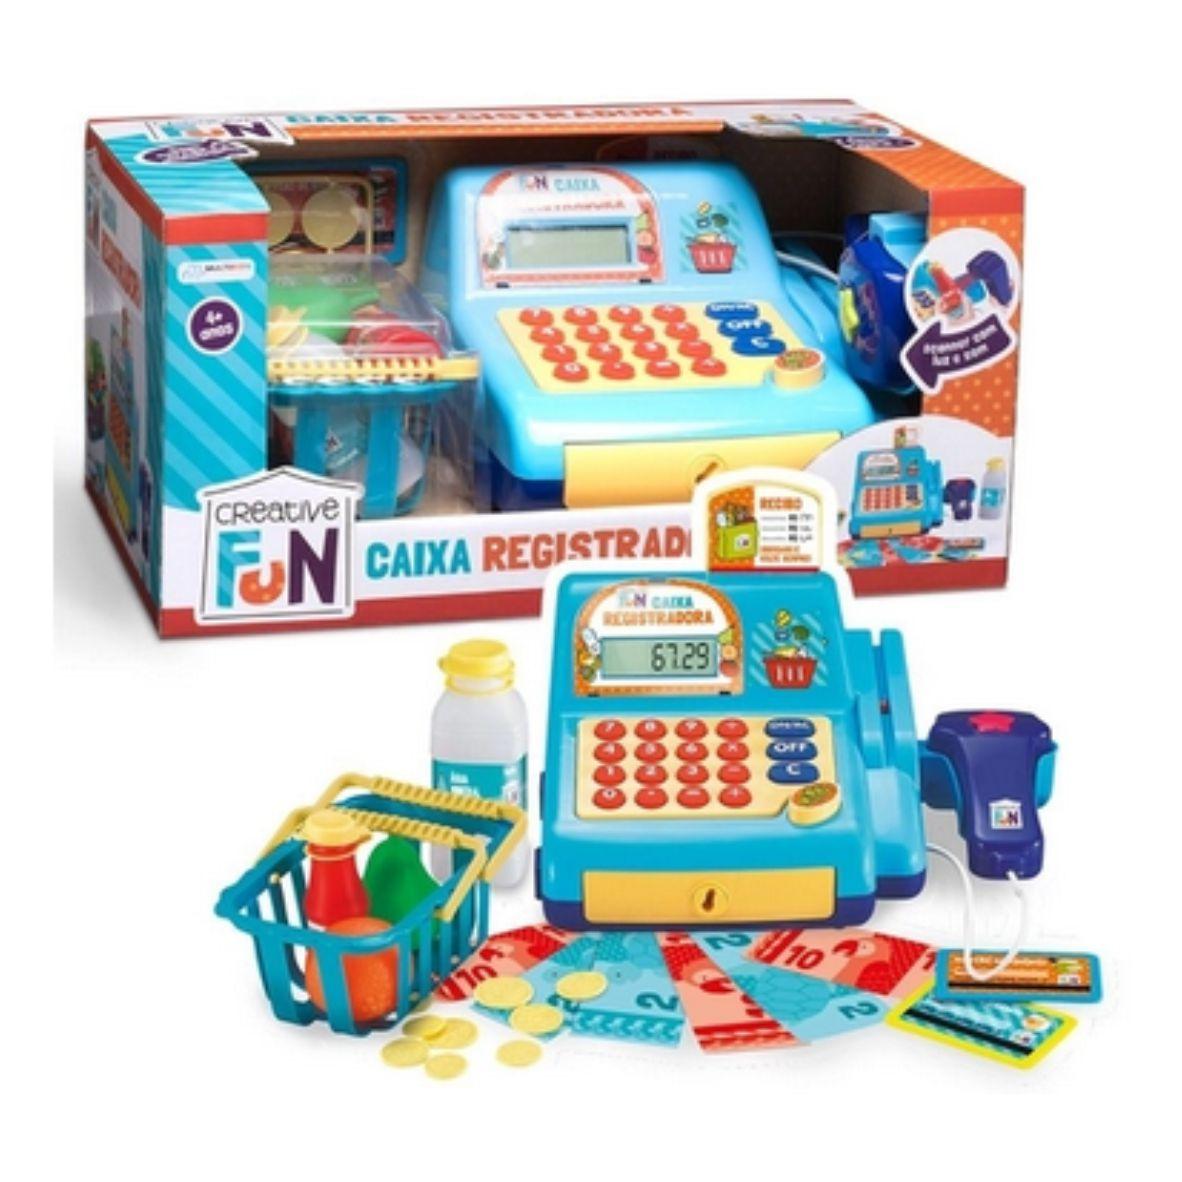 Creative Fun Caixa Registradora Azul